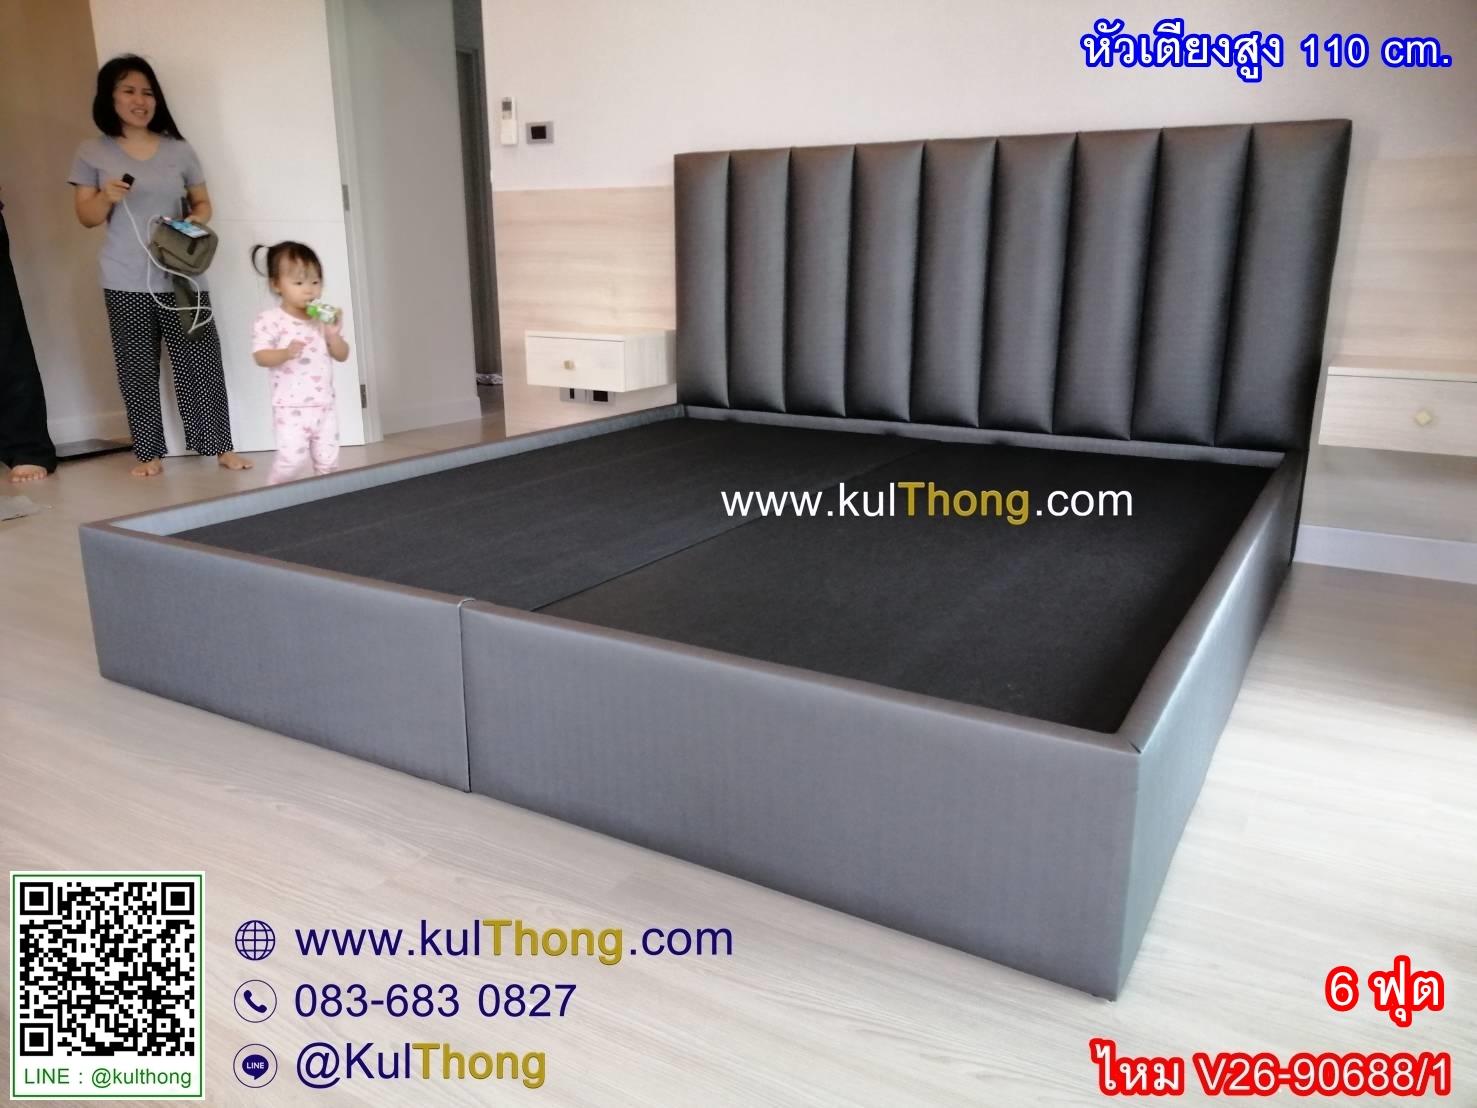 เตียงสั่งทำ เตียงหุ้มหนัง ฐานรองที่นอน เตียงสั่งผลิต